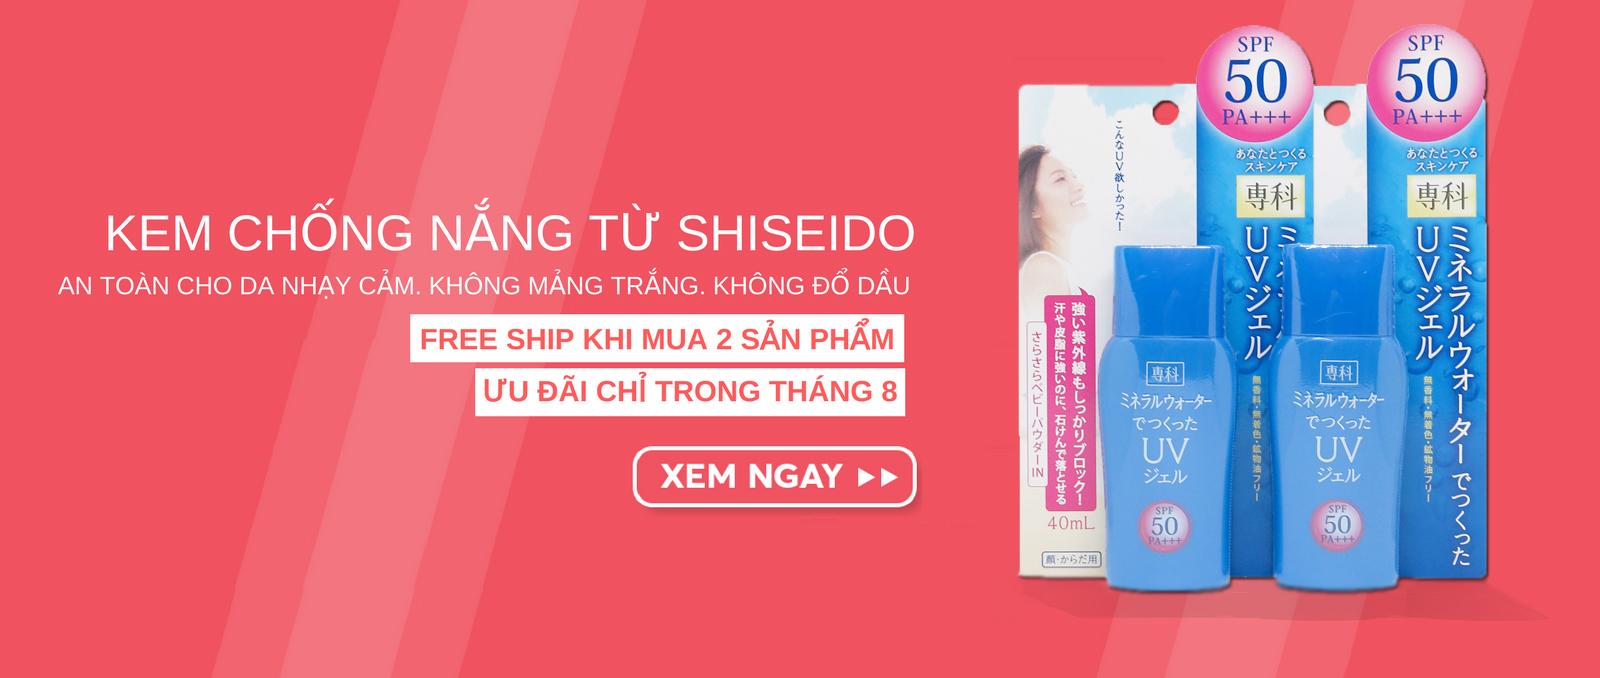 Khuyến mãi Free Ship khi mua 2 kem chống nắng màu xanh Shiseido Senka